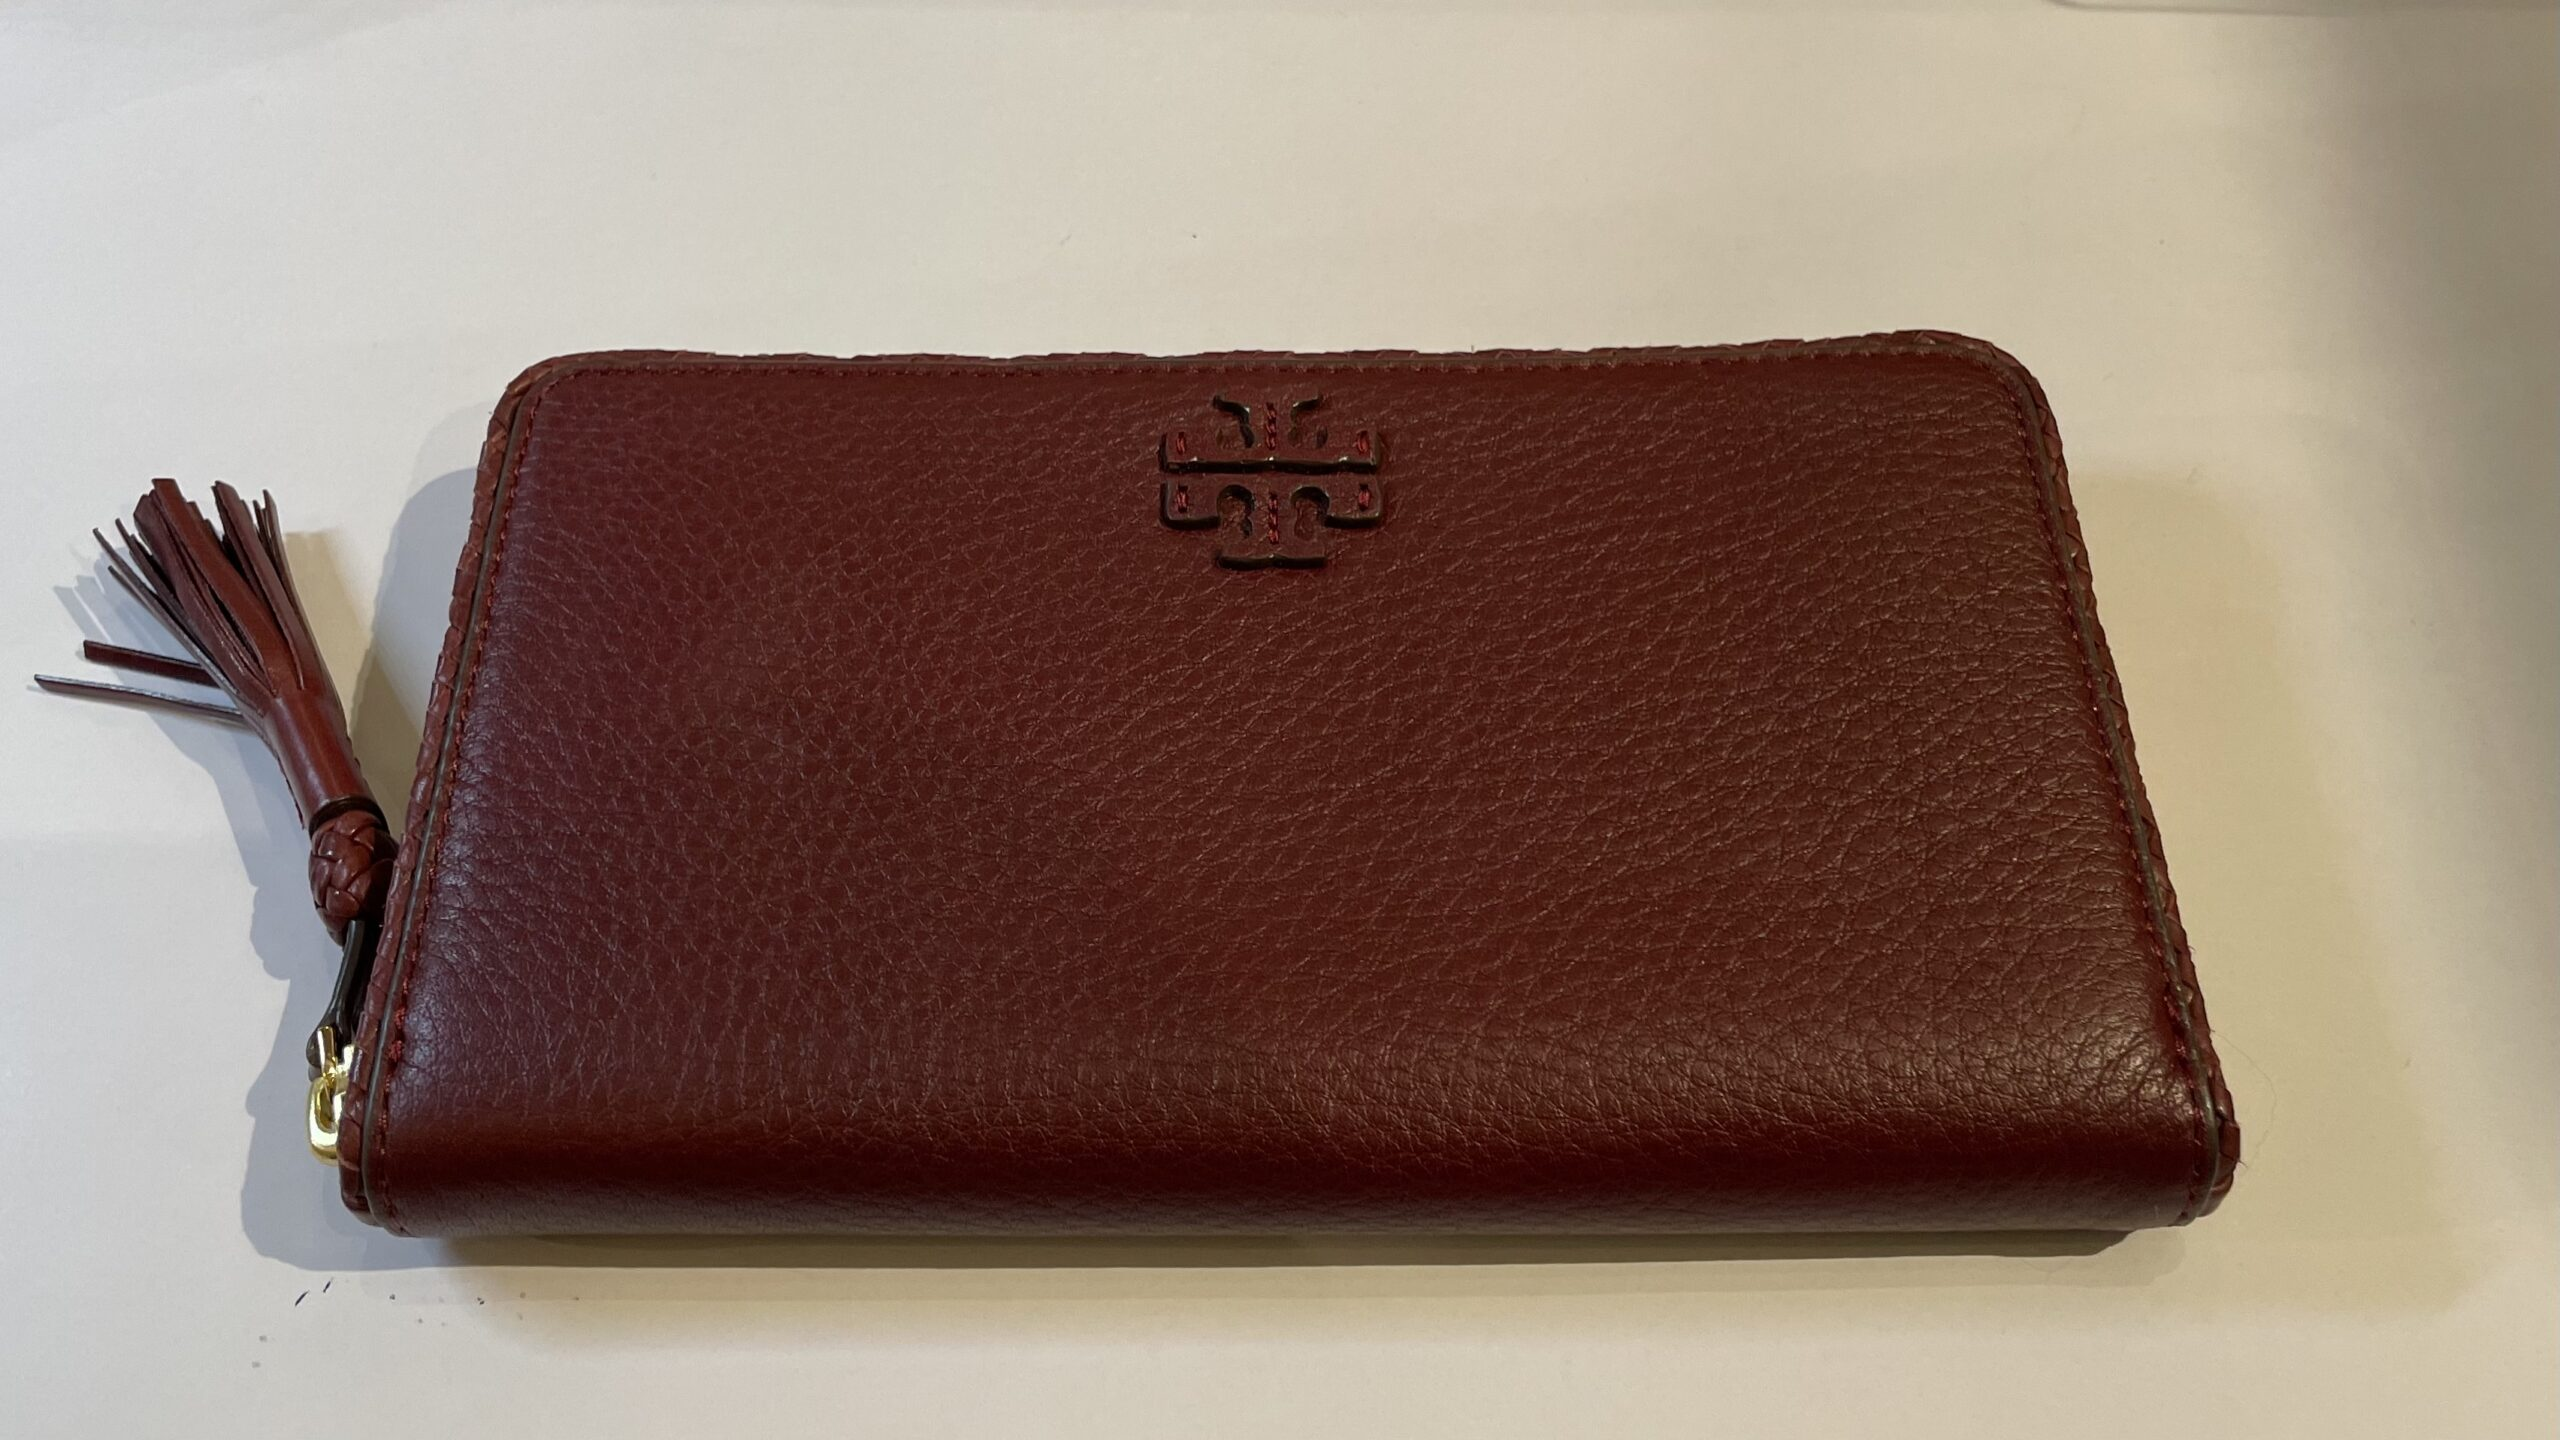 【買取速報】ブランド財布、TORY BURCH-2021-03-06